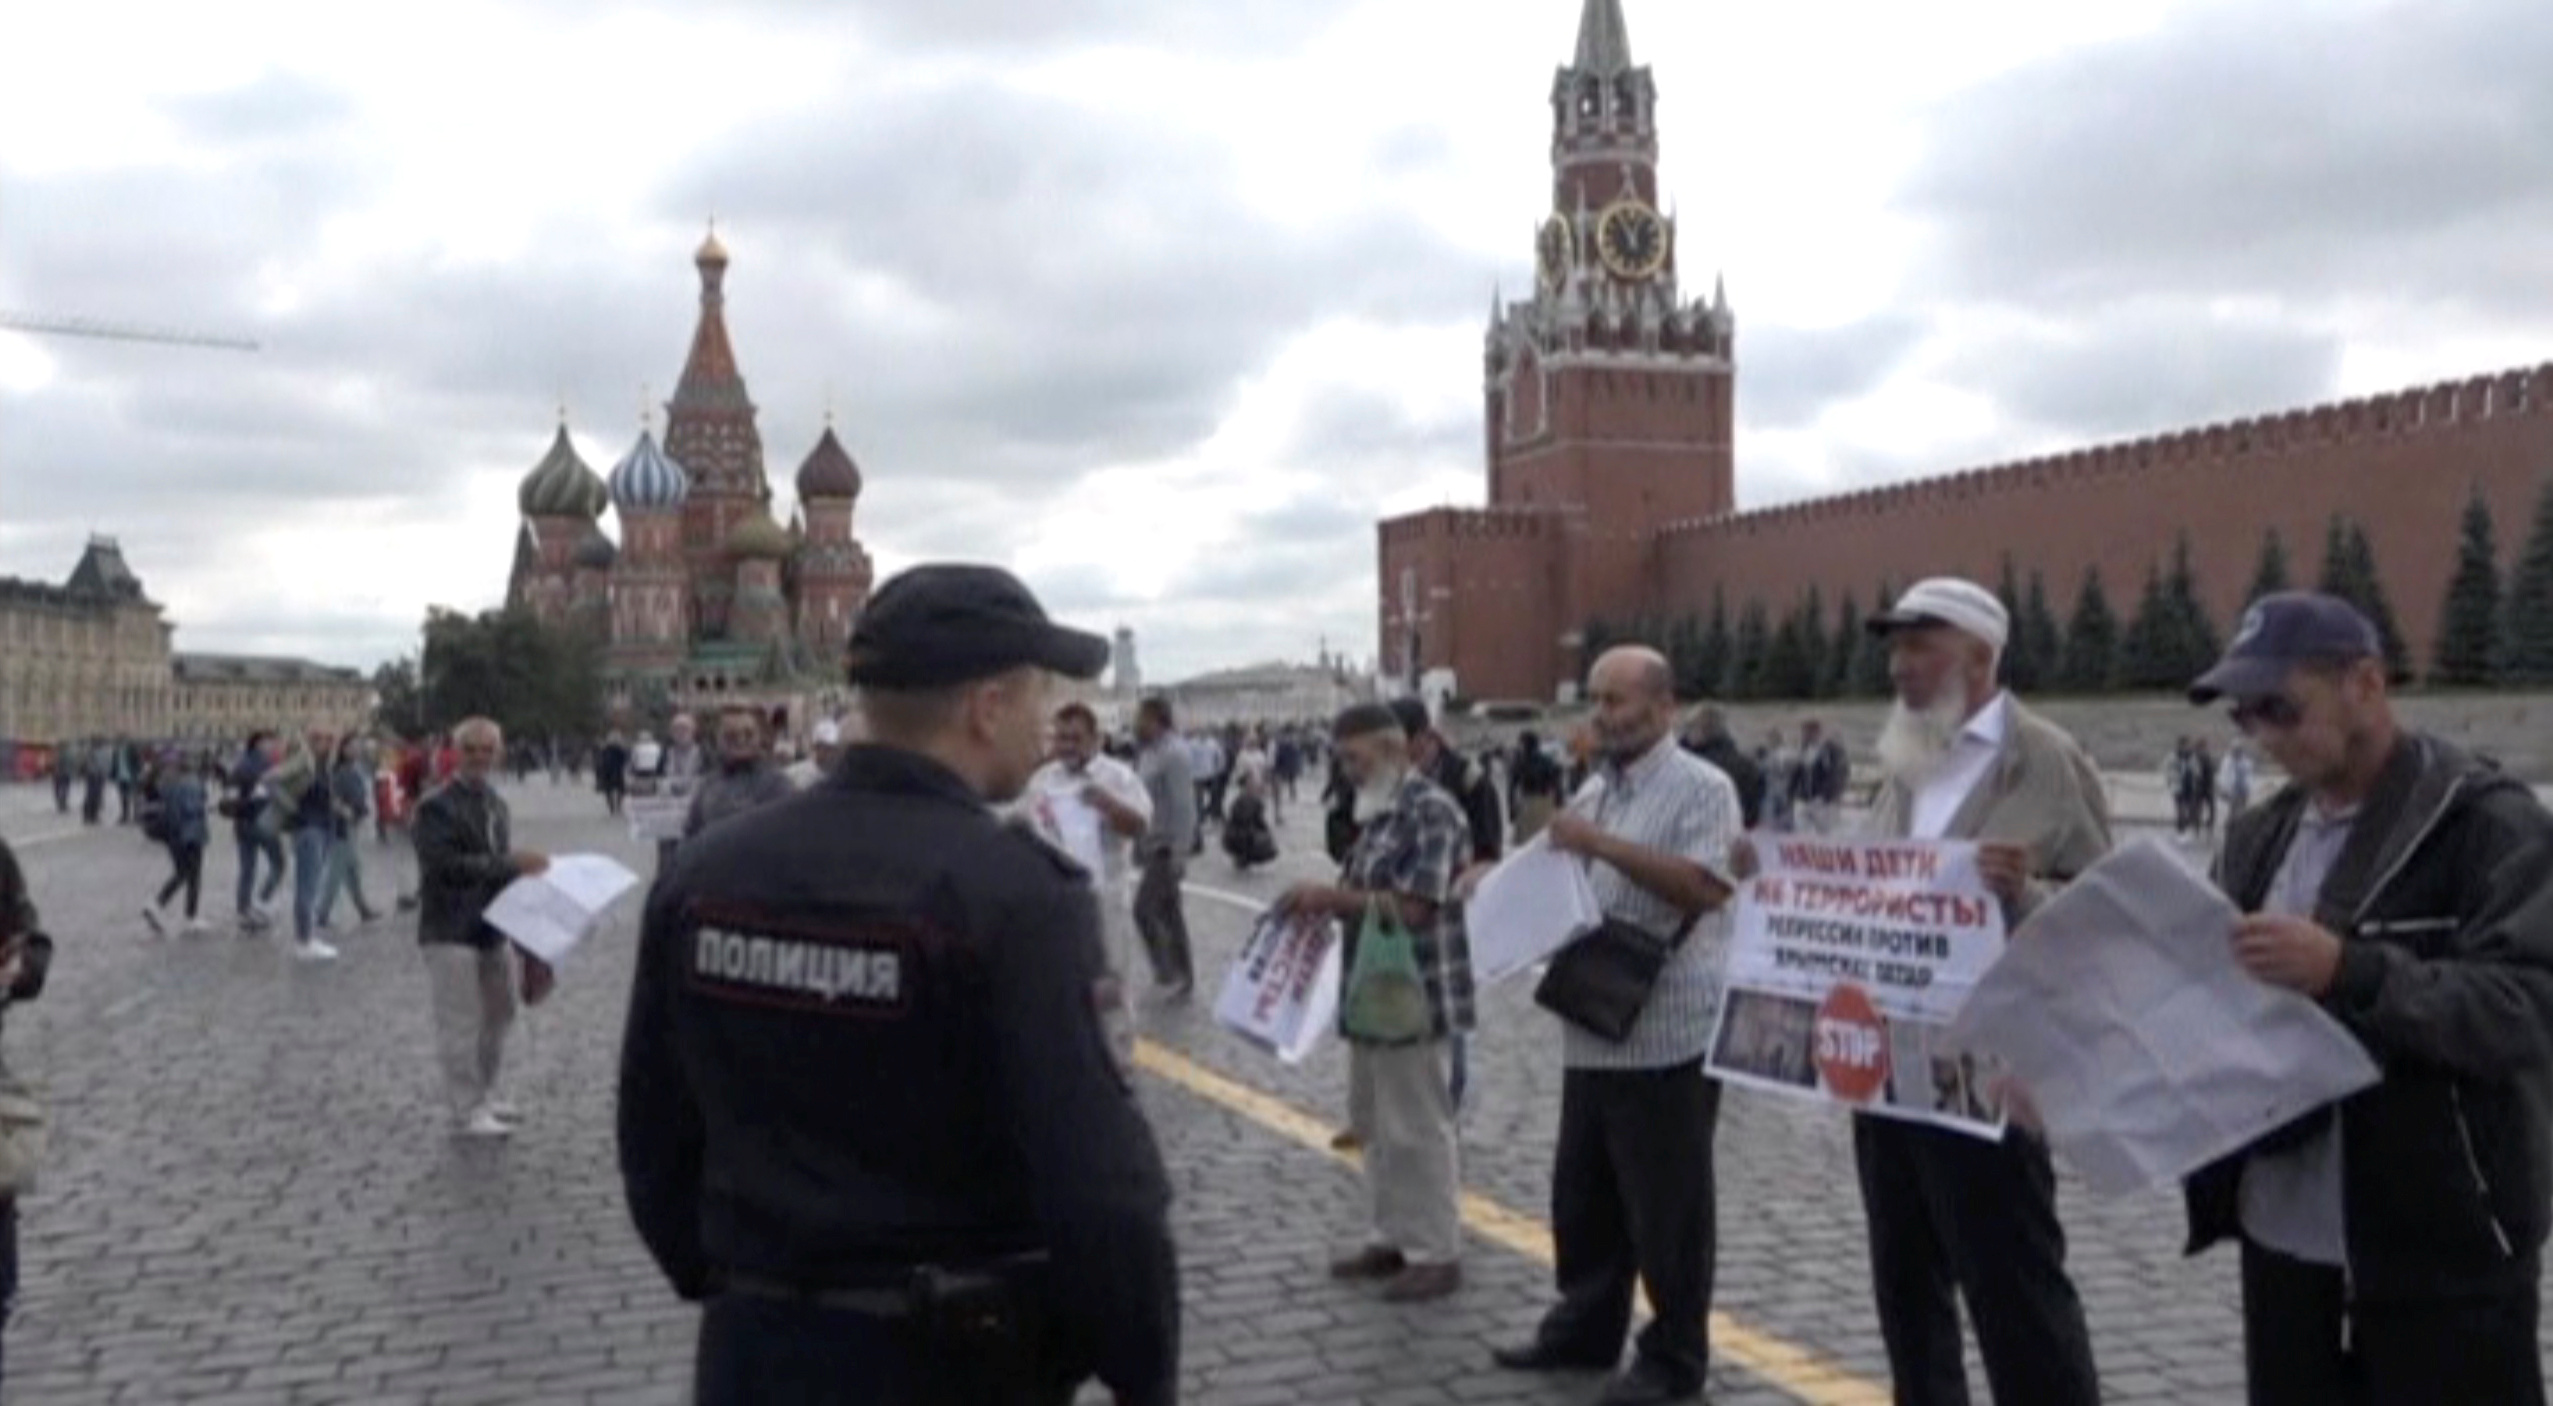 التظاهرة تأتي عشية جلسة للمحكمة في موسكو للنظر في إدانة أربعة من تتار القرم بالتخطيط للقيام بانتفاضة